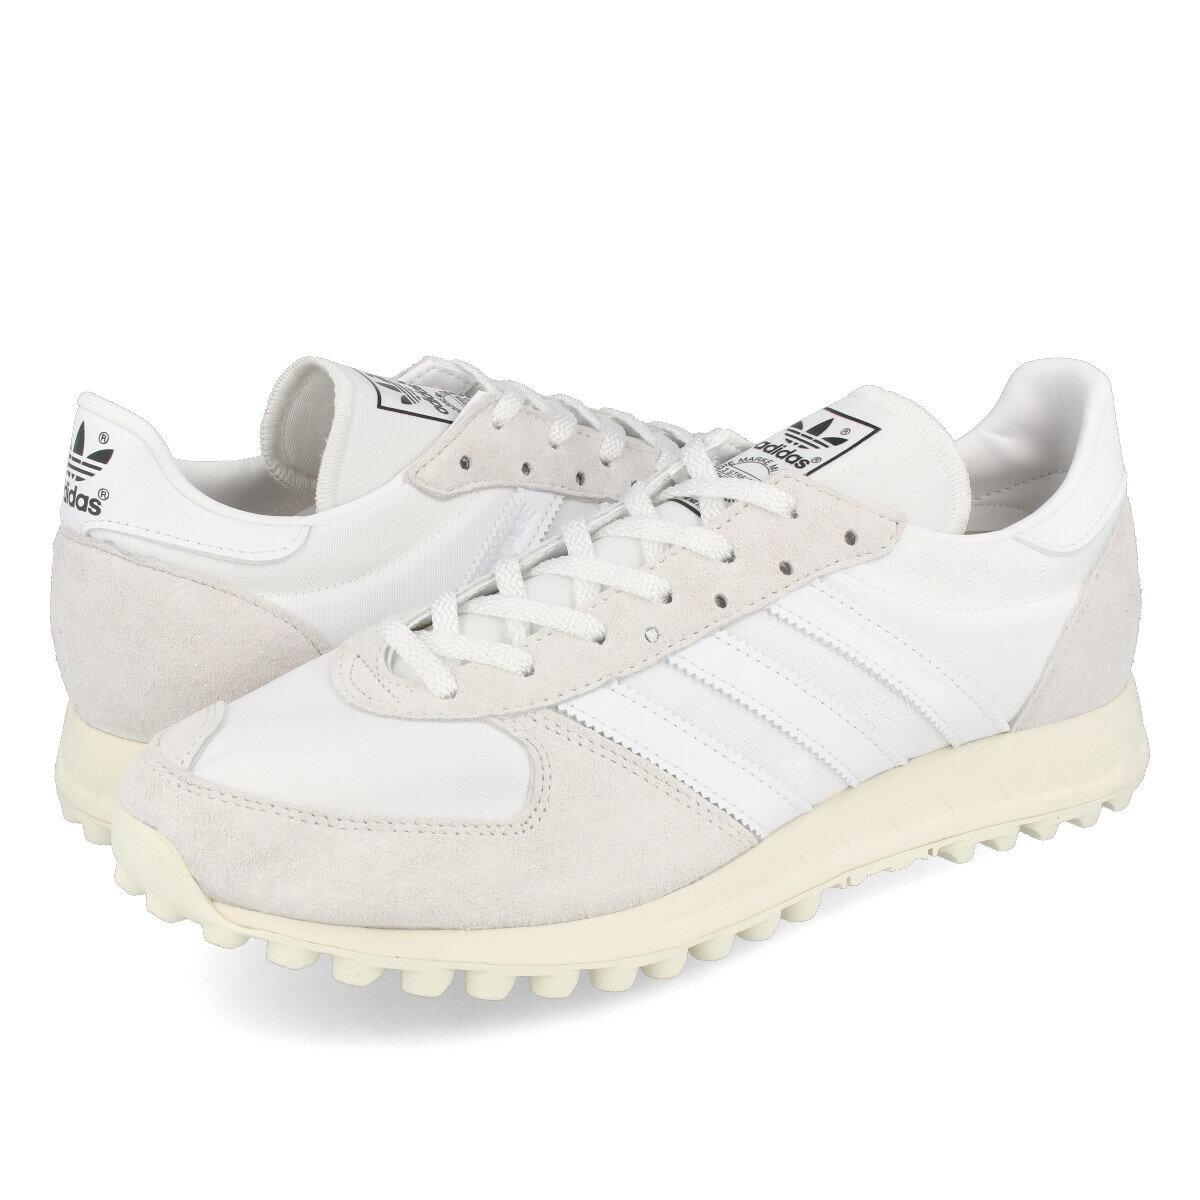 メンズ靴, スニーカー adidas TRX VINTAGE TRX OFF WHITEFTWR WHITECORE BLACK h02091